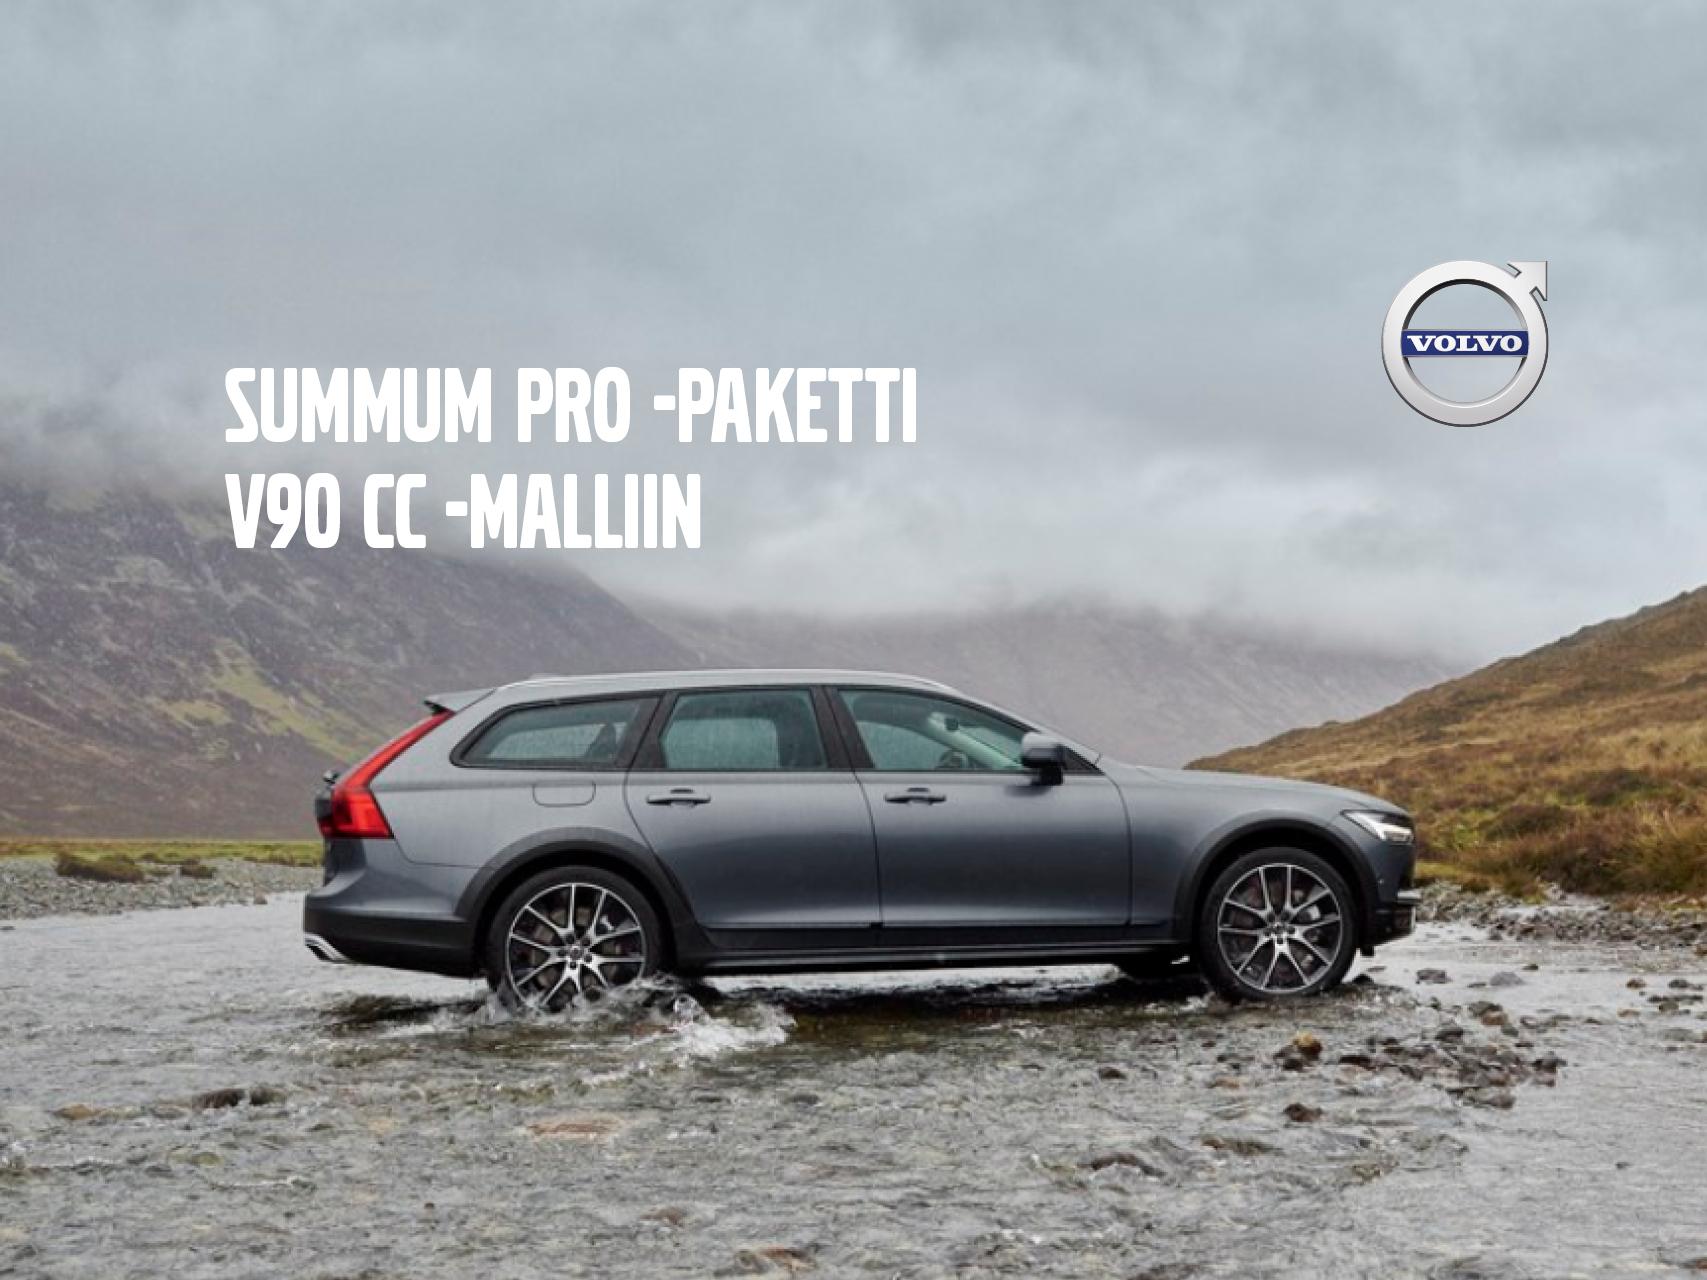 V90 CC: Summum Pro -paketti 1.850 €